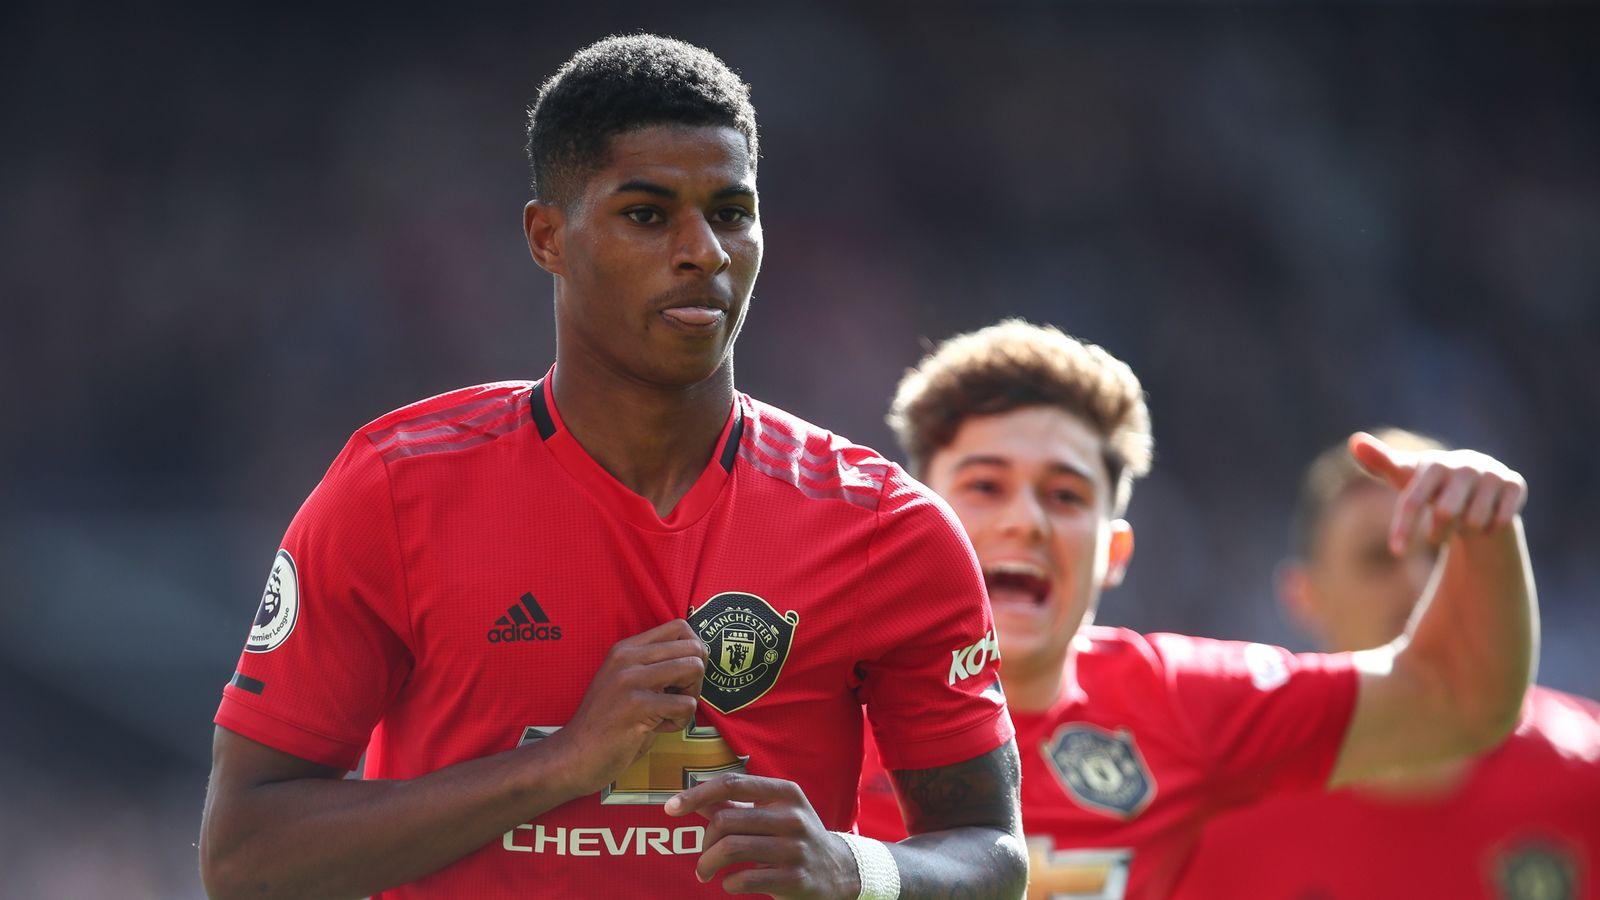 Lịch thi đấu Europa League 2019/20: MU dễ, Arsenal khó